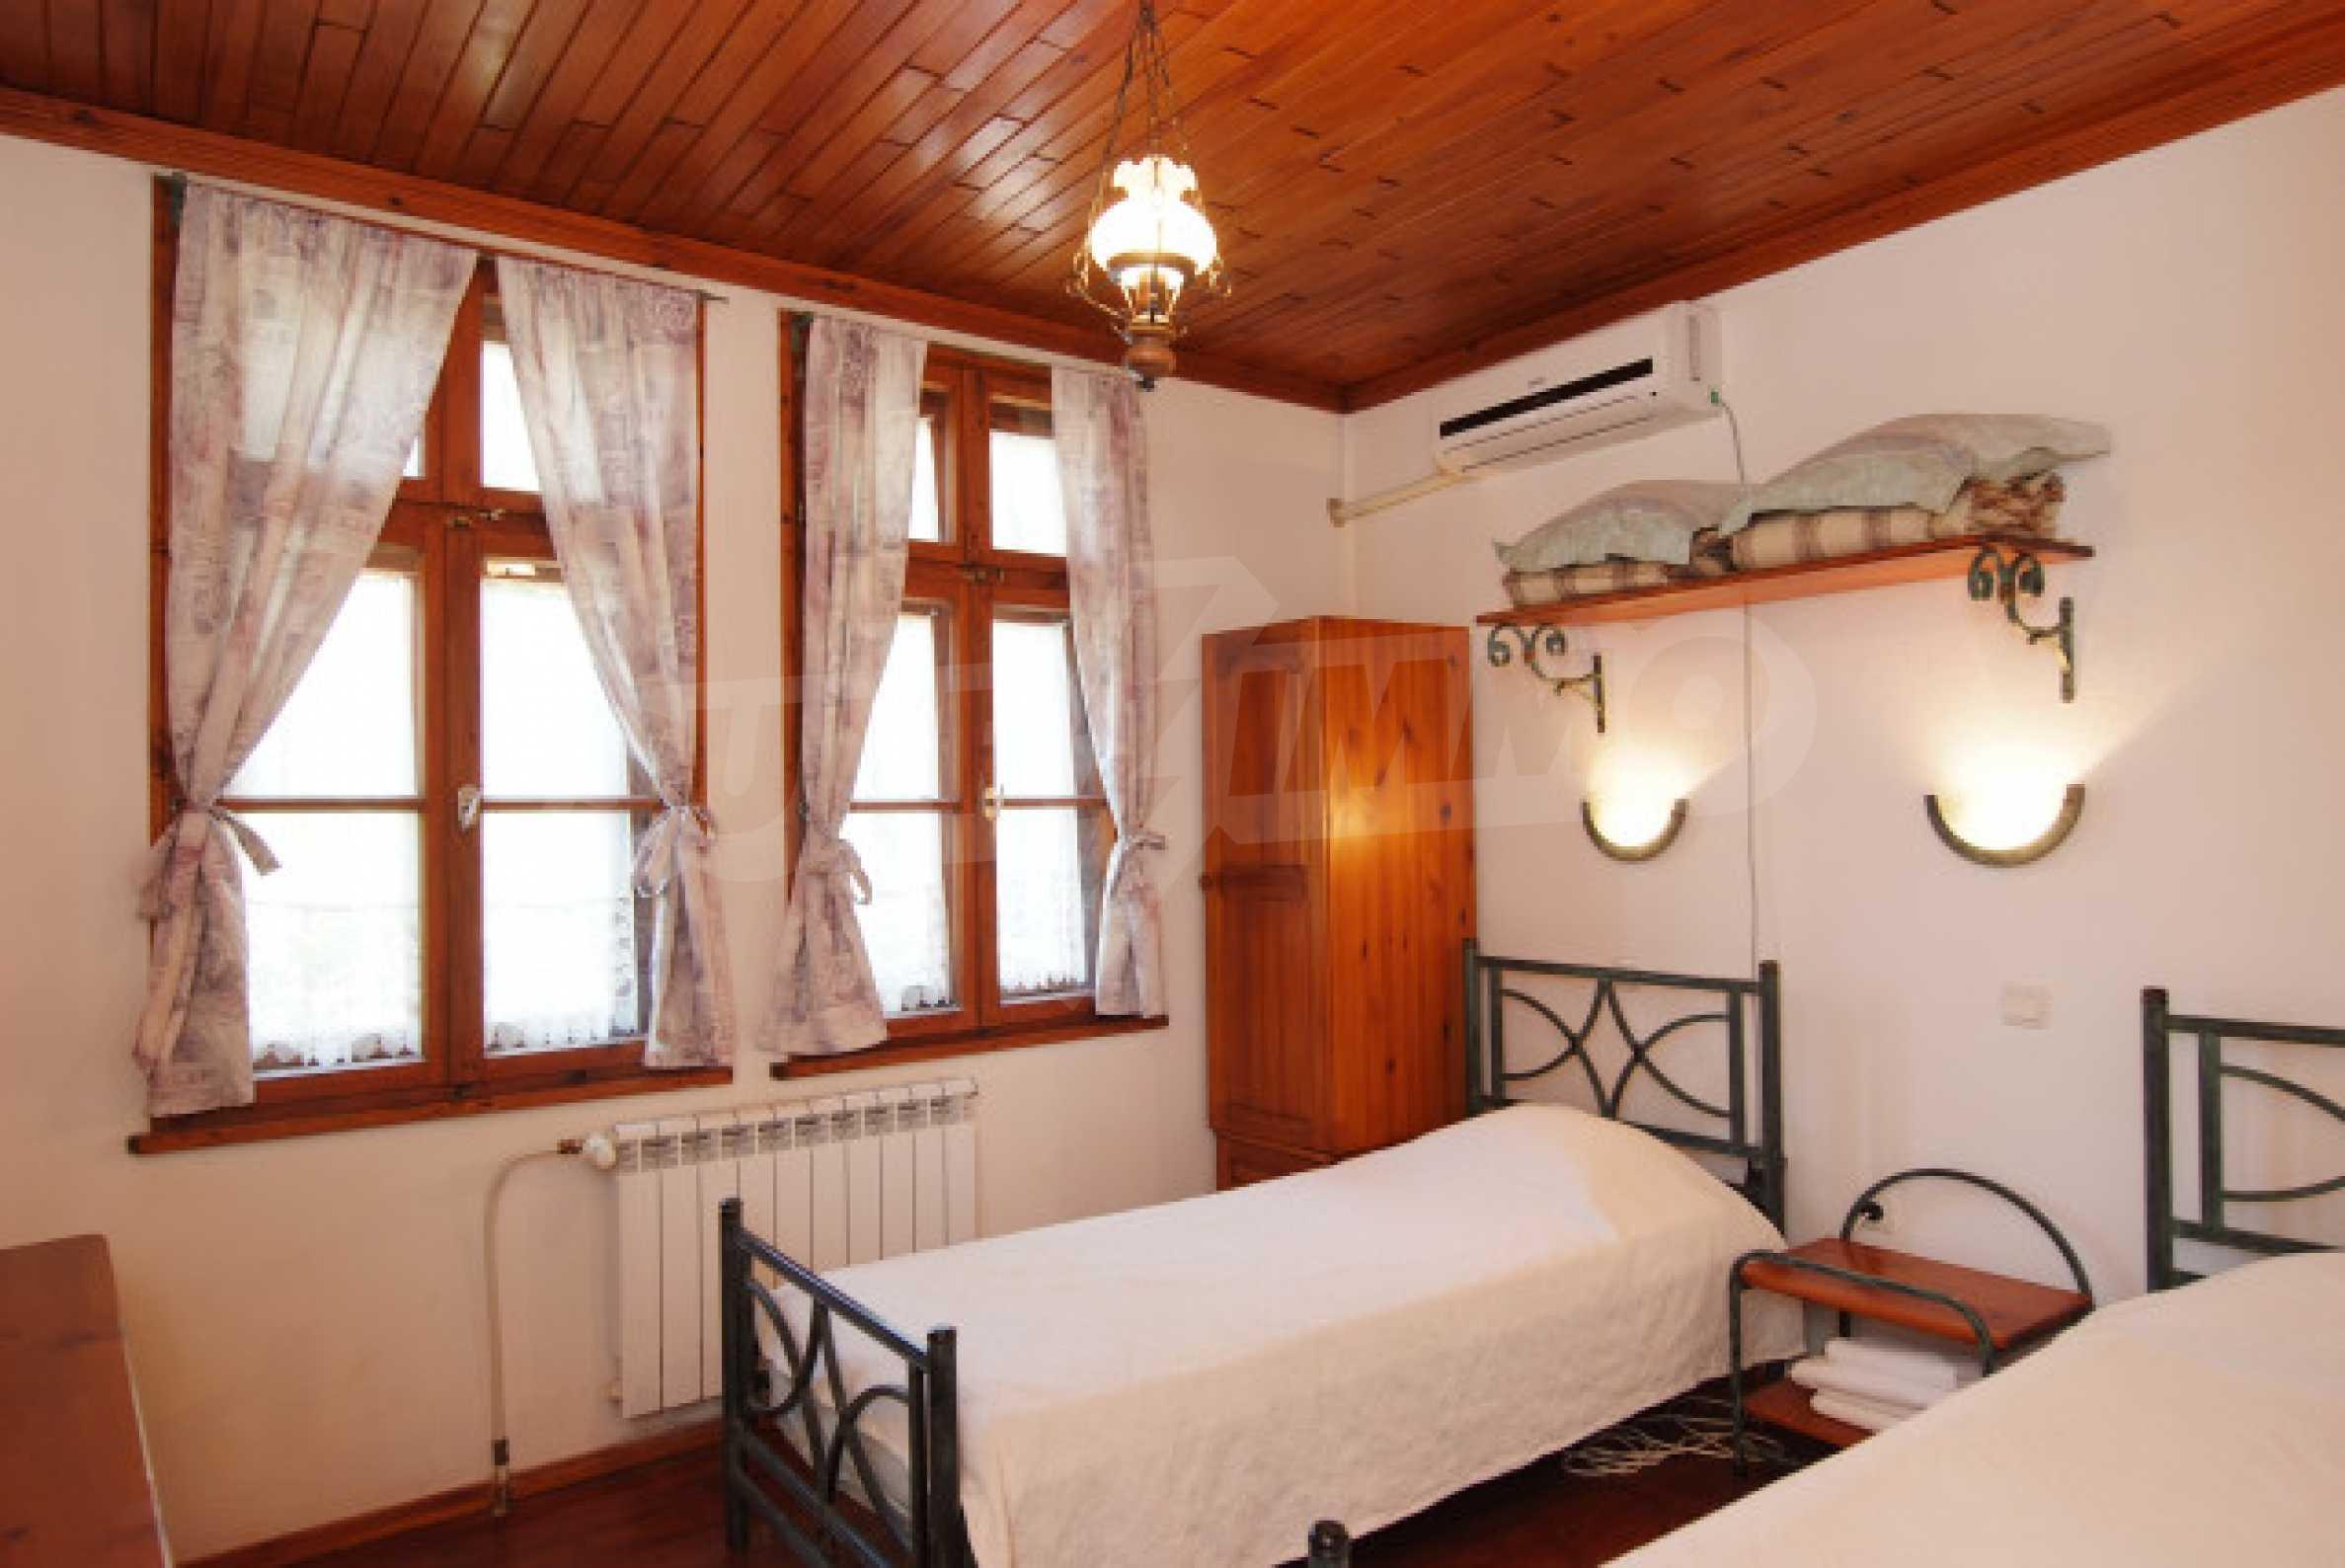 Семеен хотел в центъра на град Мелник 19